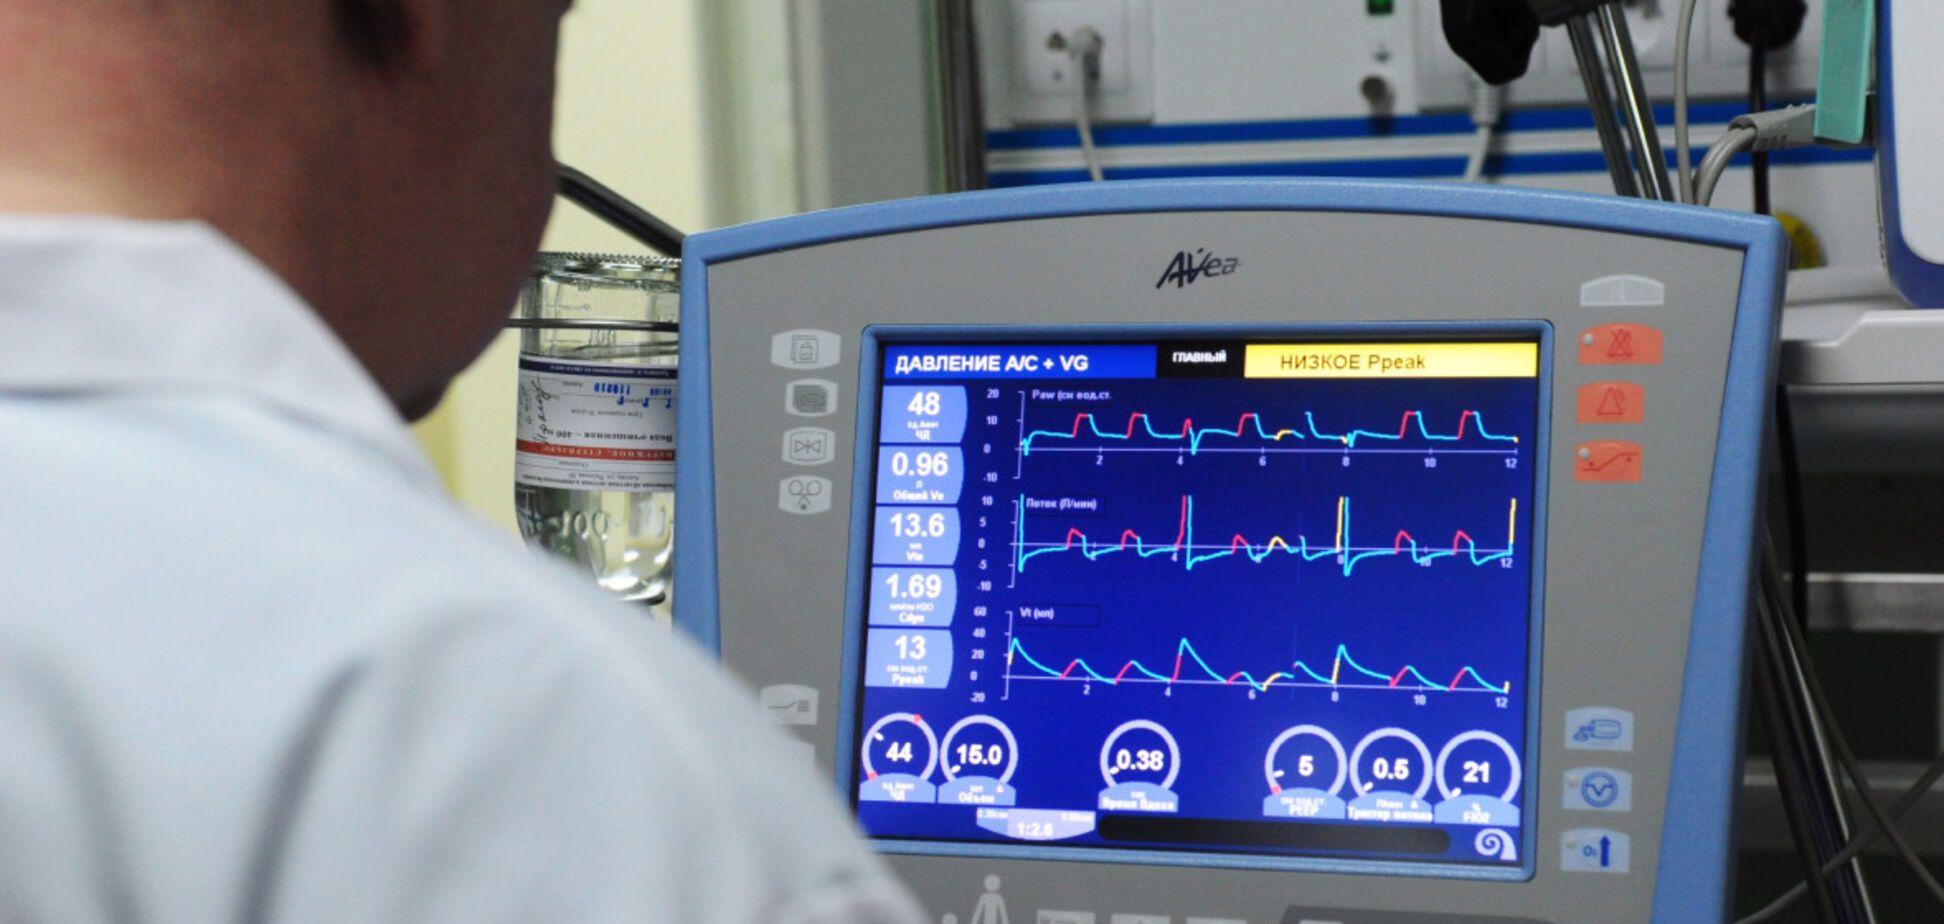 Аппараты ИВЛ в Национальном институте рака требуют ремонта: присоединяйтесь к помощи